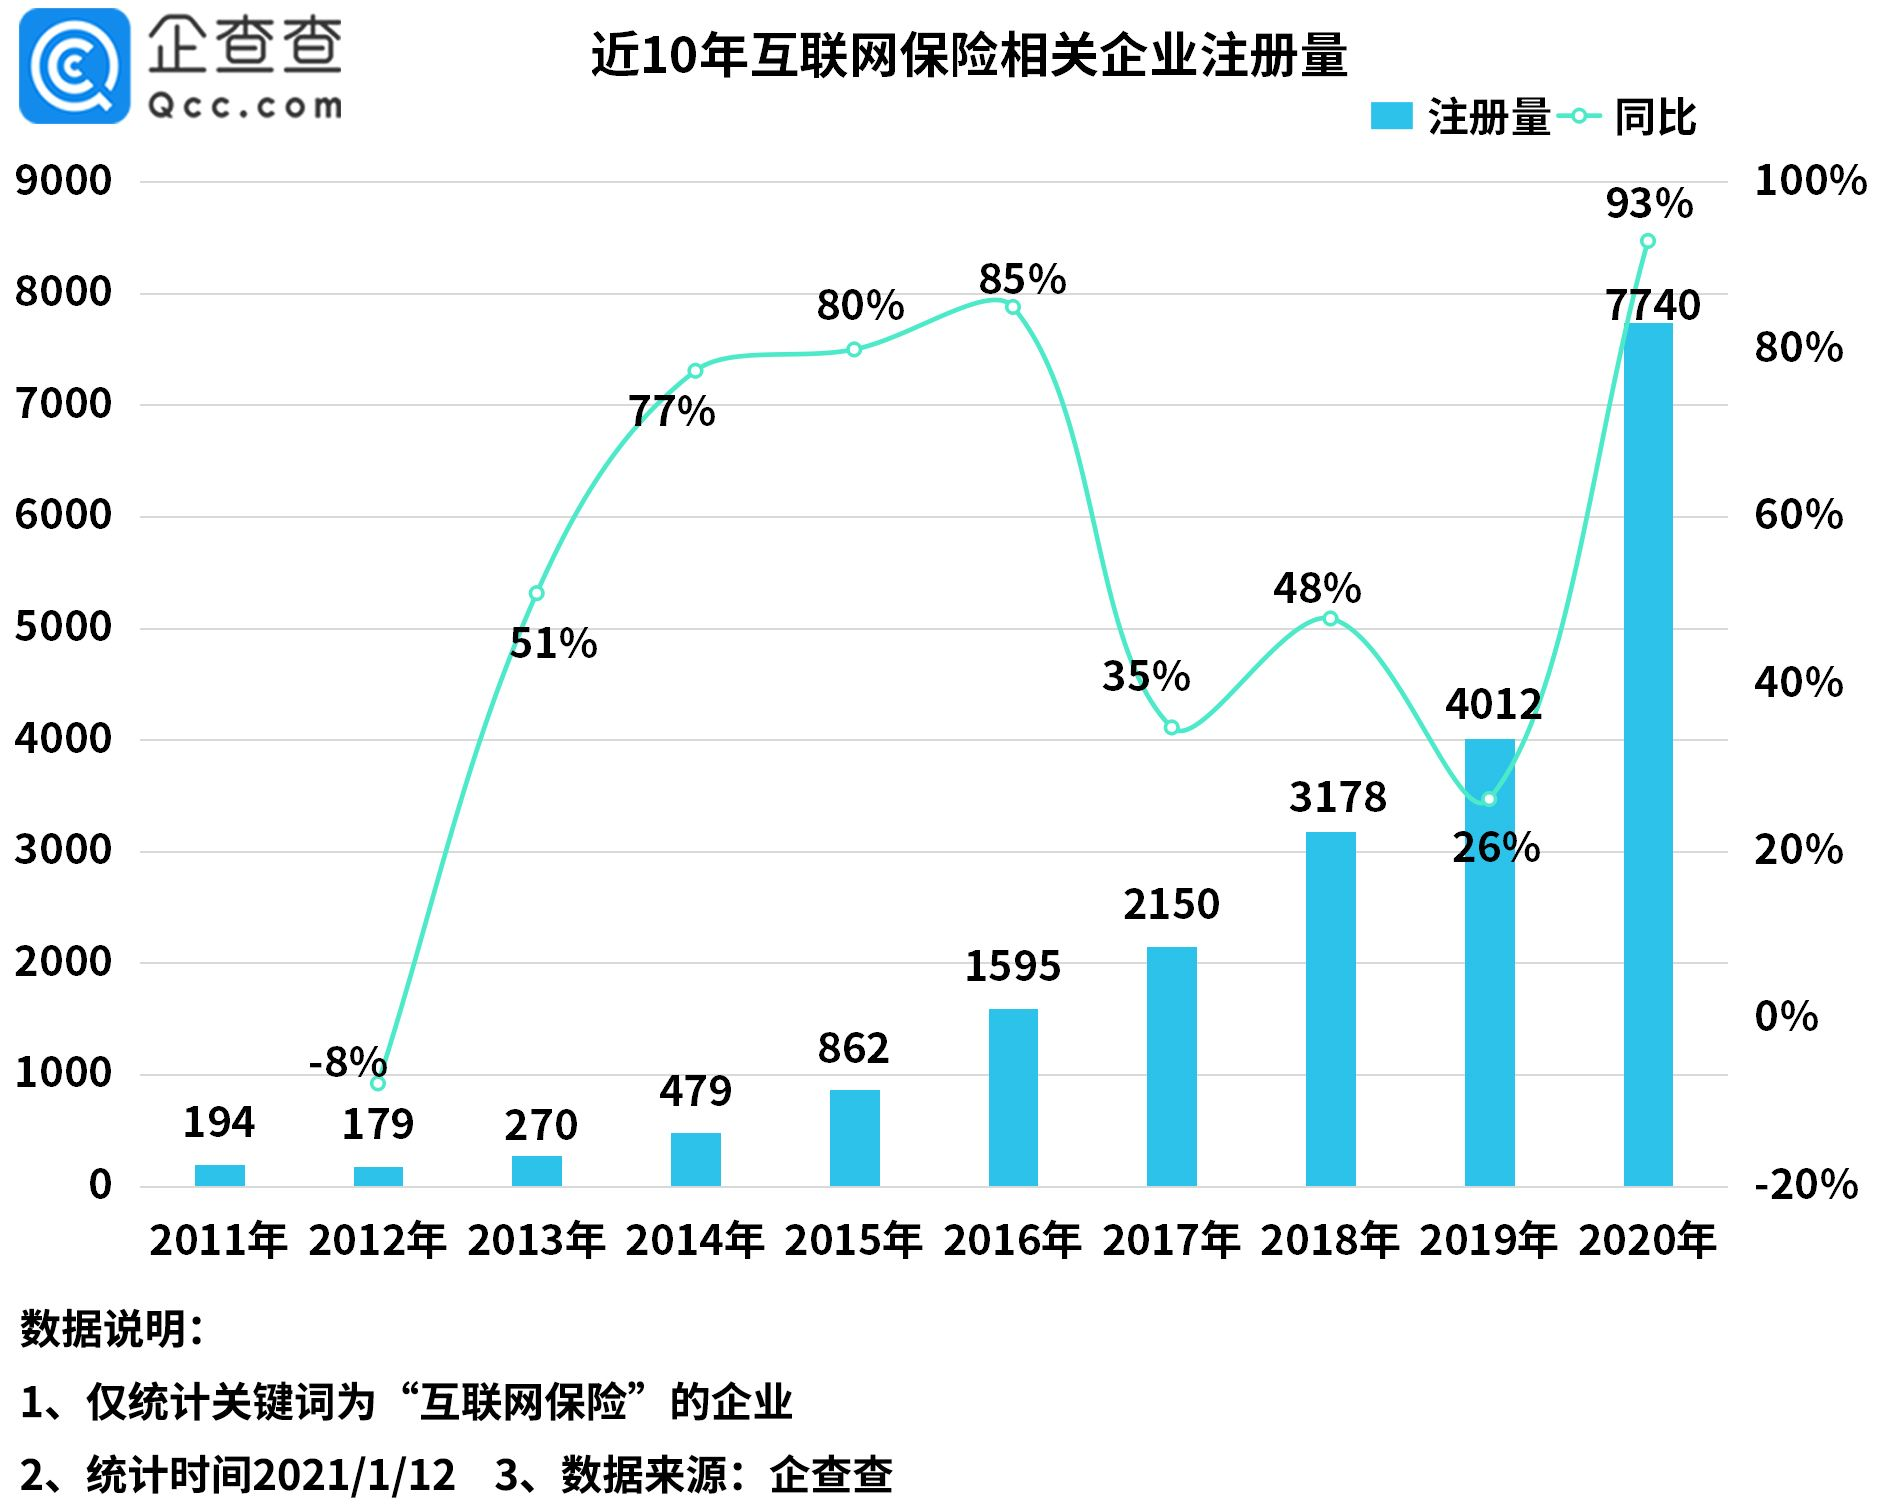 2020年 中国注册互联网保险相关企业同比增长93%